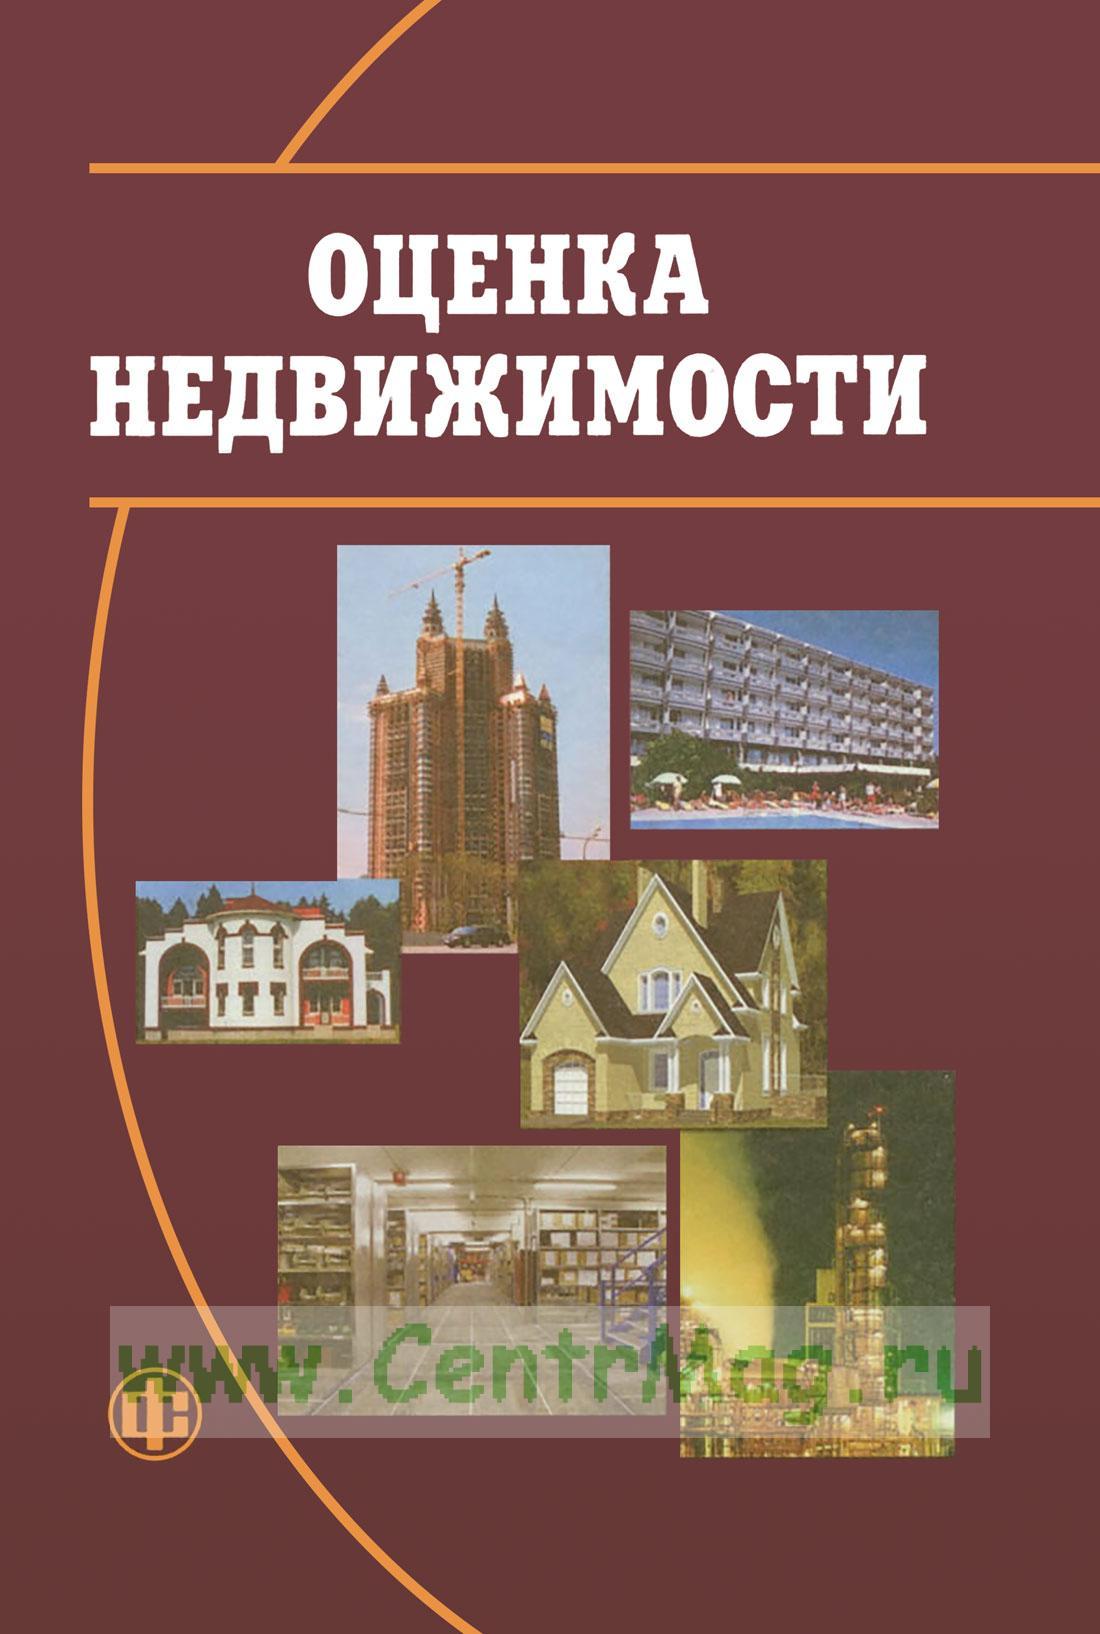 Оценка недвижимости: учебник (2-е издание, переработанное и дополненное)